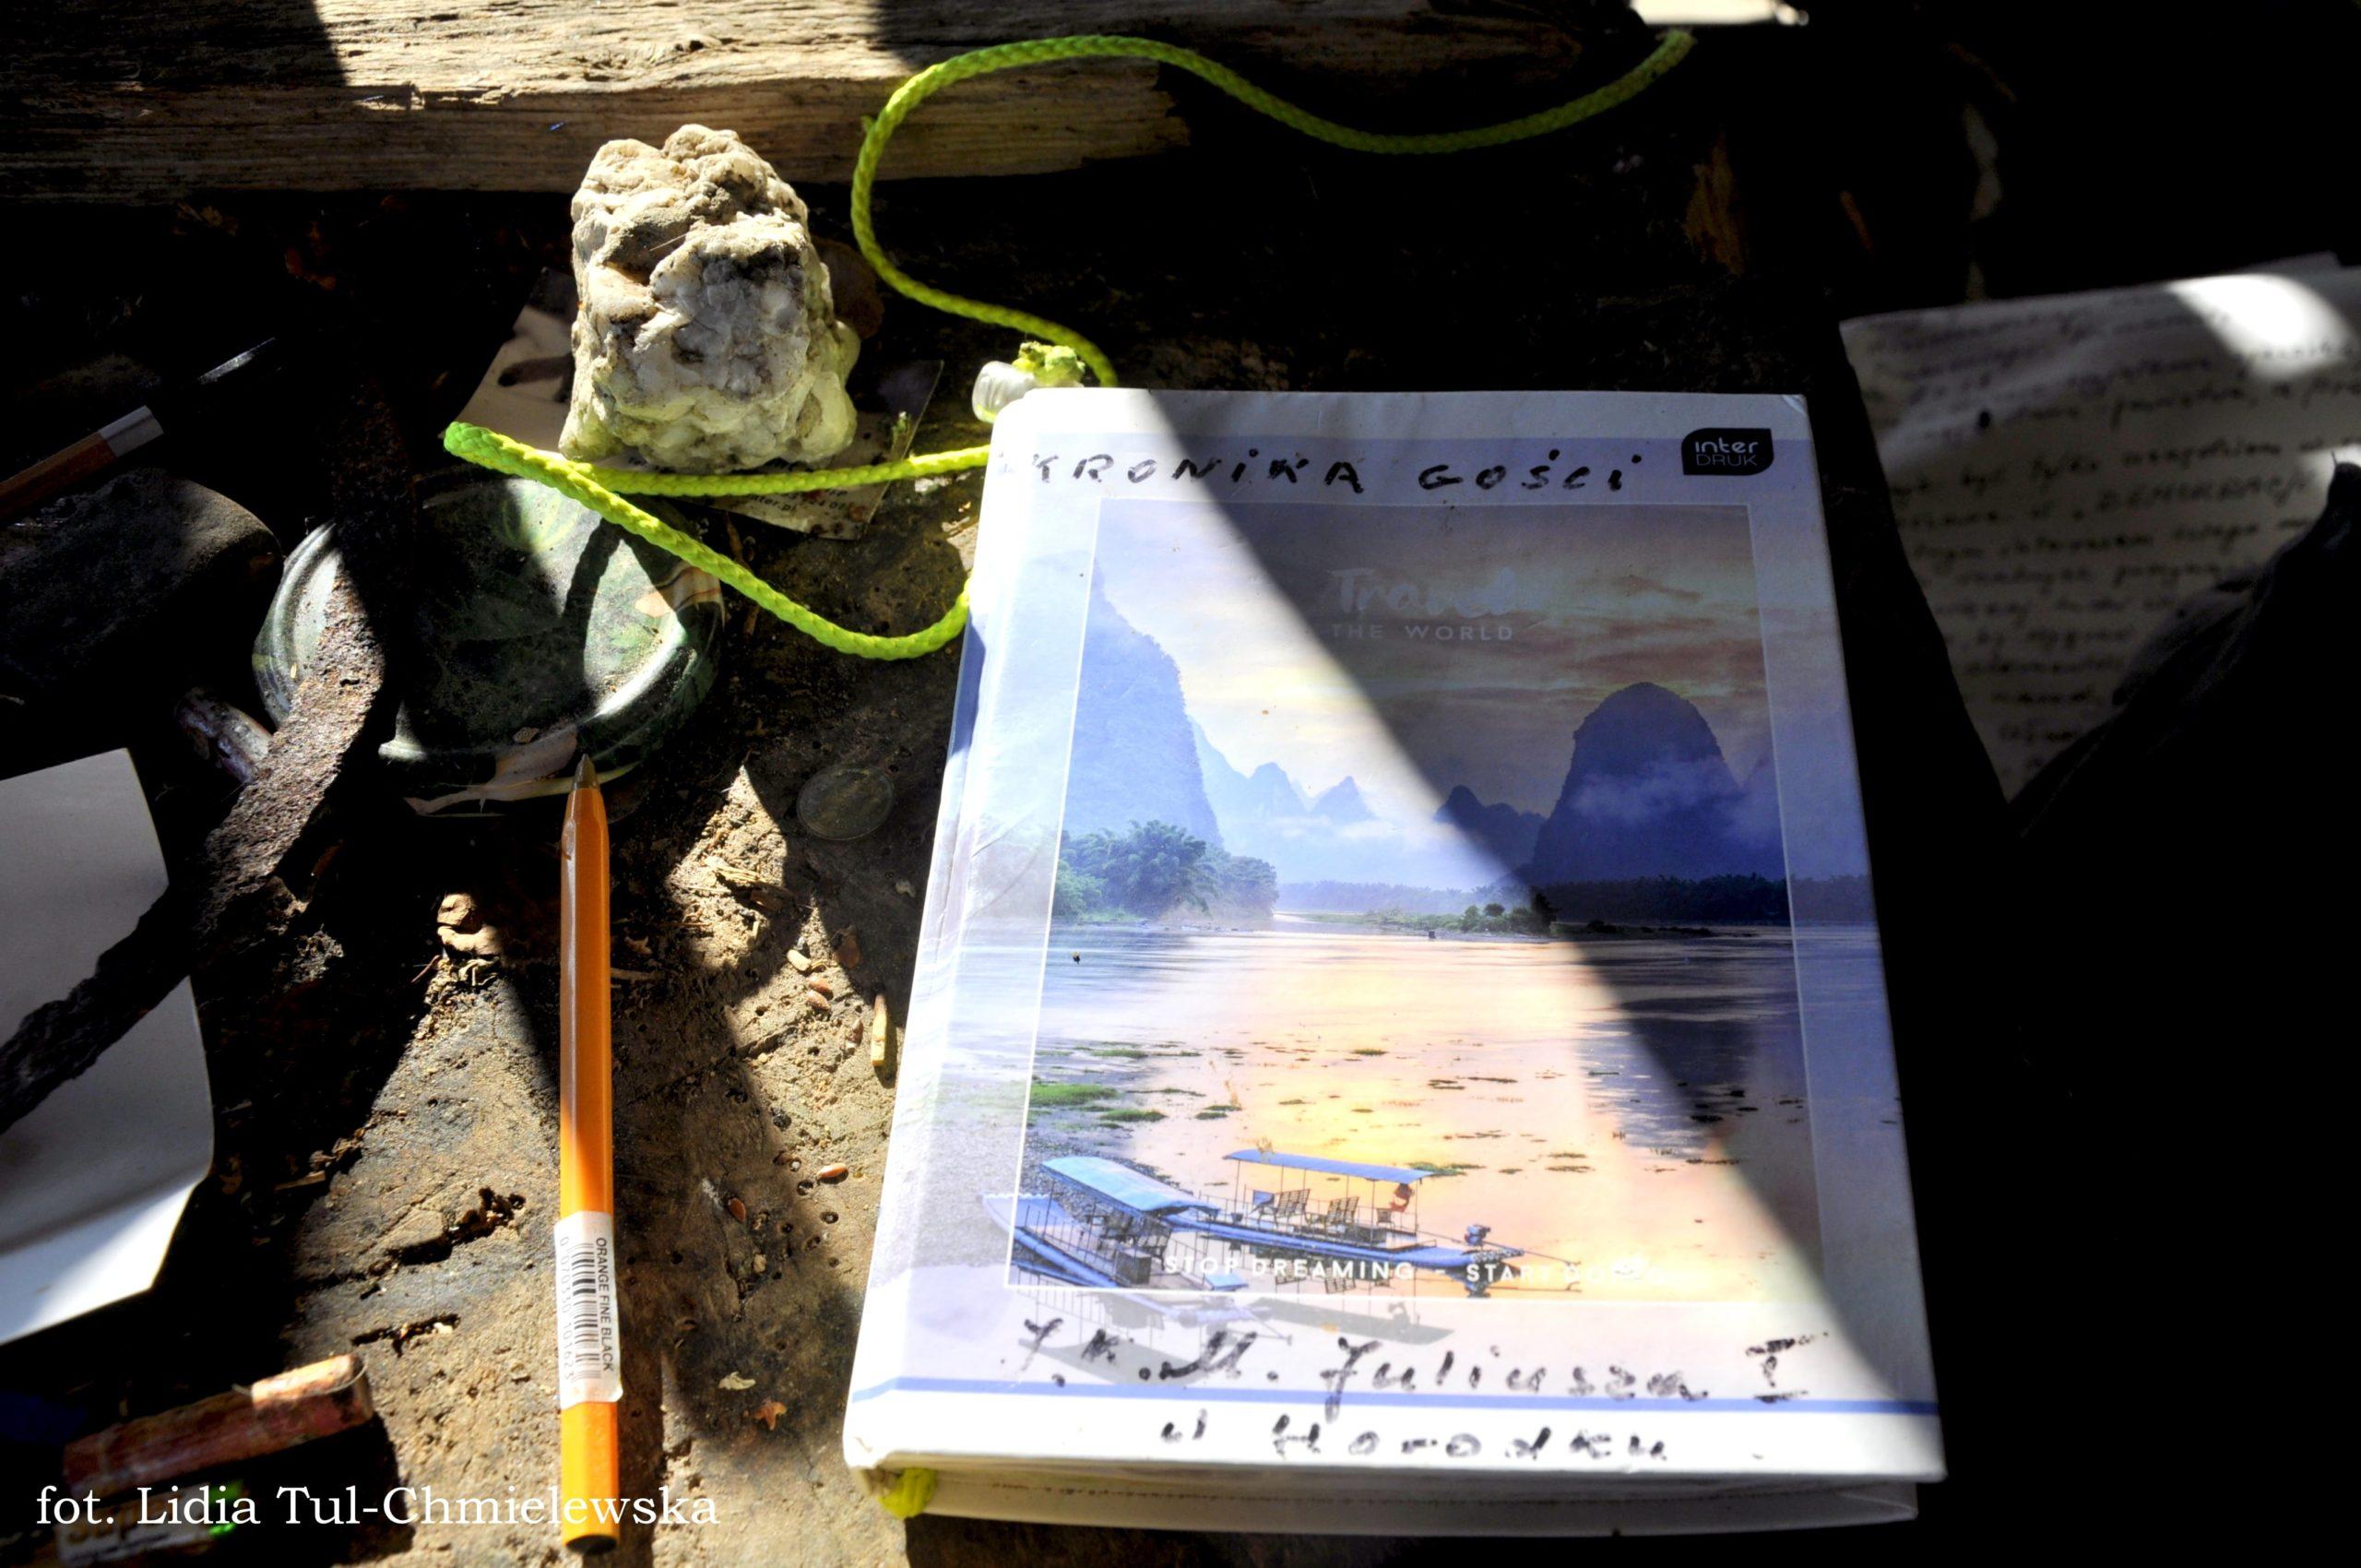 Księga pamiatkowa gości odwiedzających Pustelnię fot.Lidia Tul-Chmielewska-